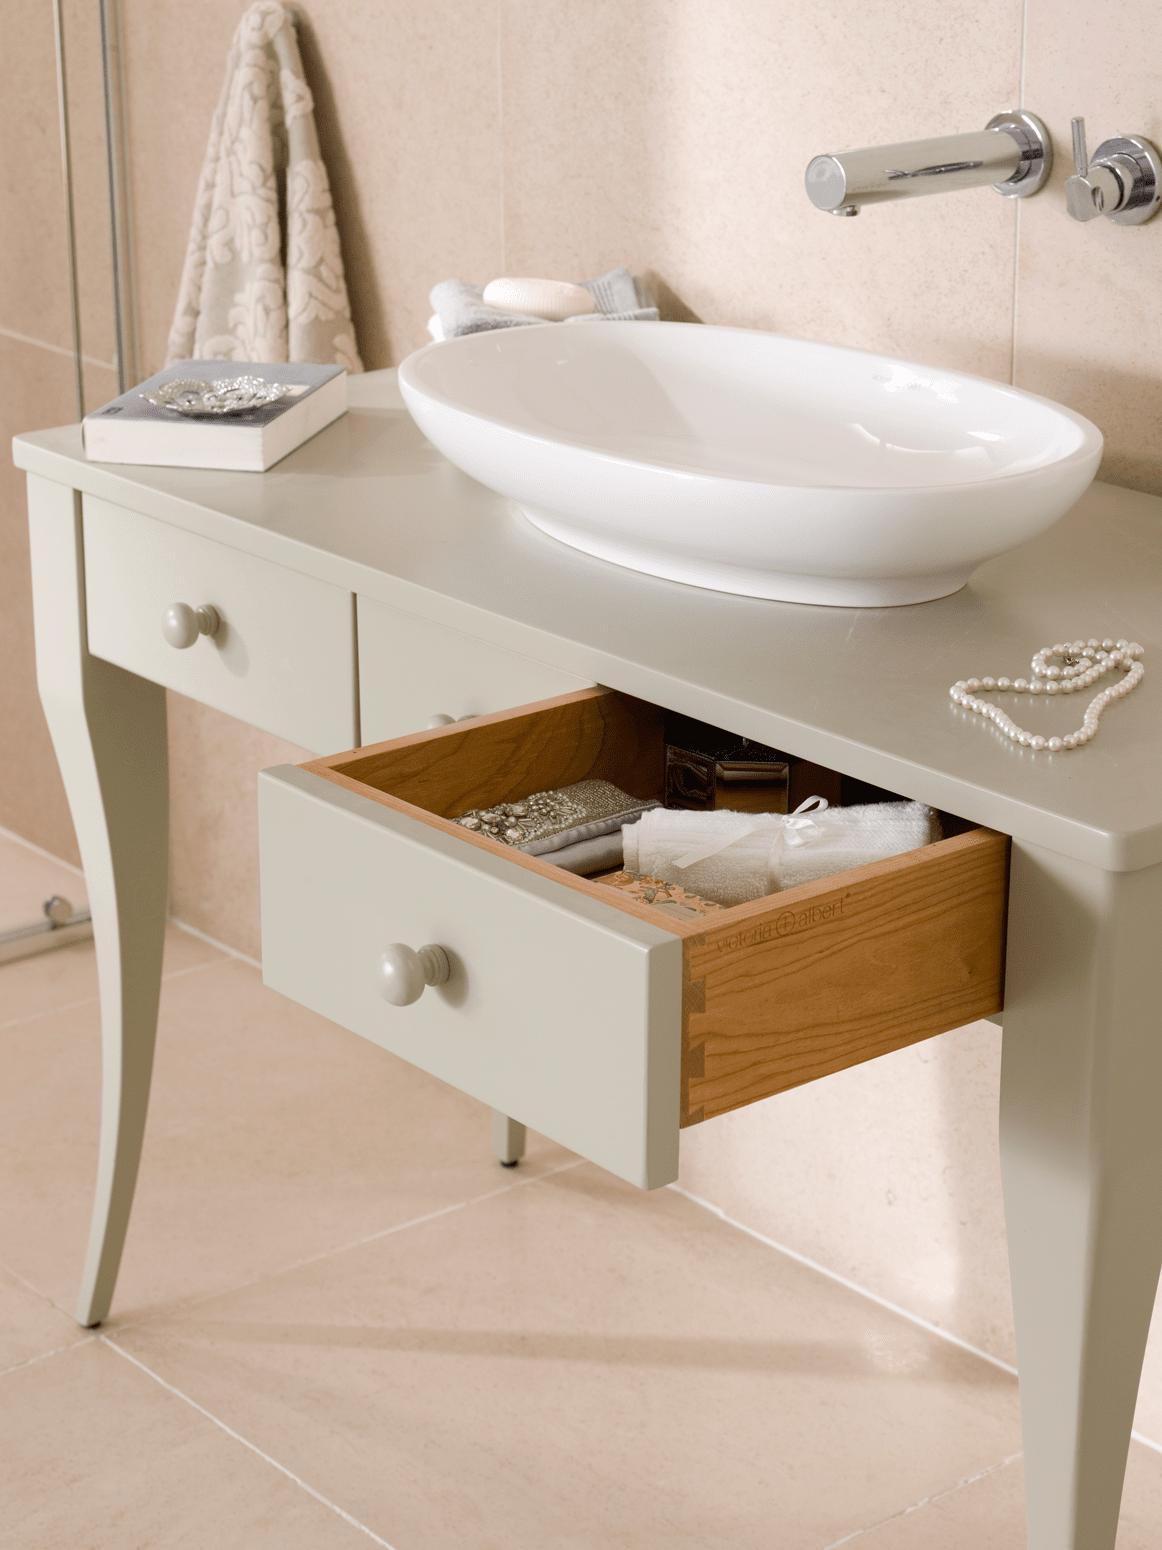 mobili o console per lavabo classici country o romantici cose di casa. Black Bedroom Furniture Sets. Home Design Ideas